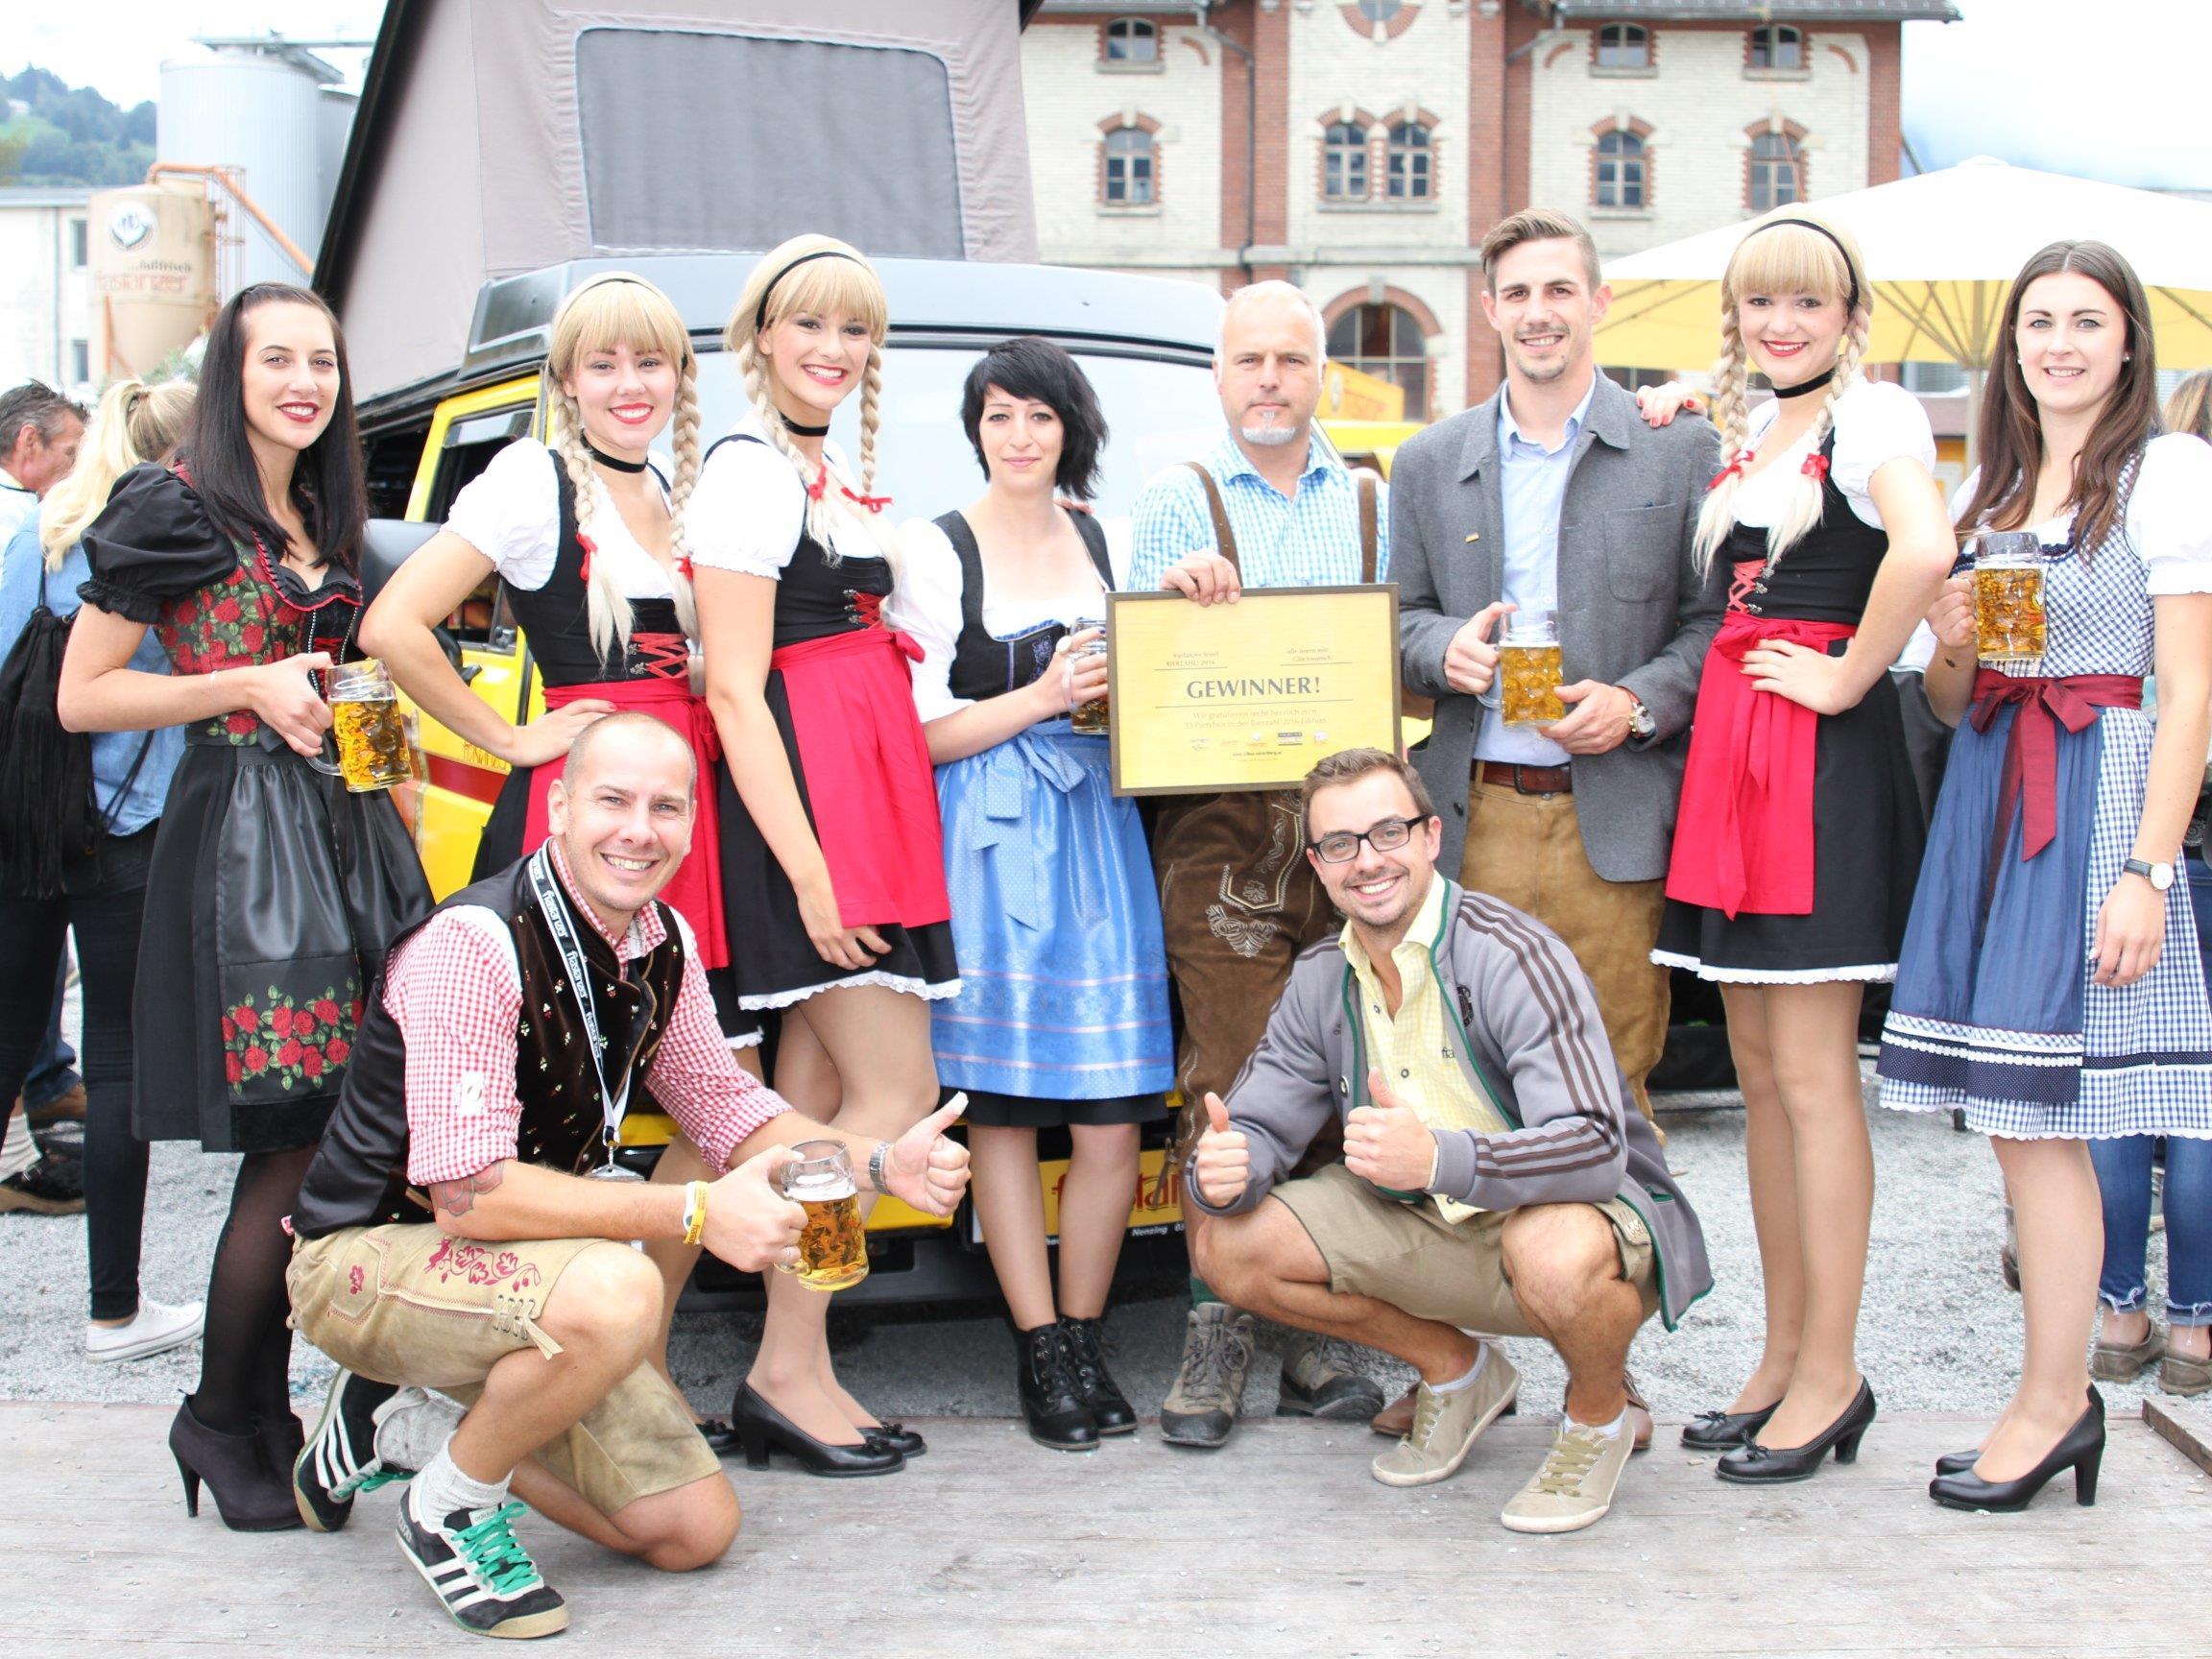 Oliver Müller und Mario Rothmund (Frastanzer Marketing) vorne, mit dem Gewinner Janez Glavac, den 3 Schwestern sowie den Vertreter/innen der Medienpartner WANN&WO, VOL.AT und Antenne Vorarlberg.